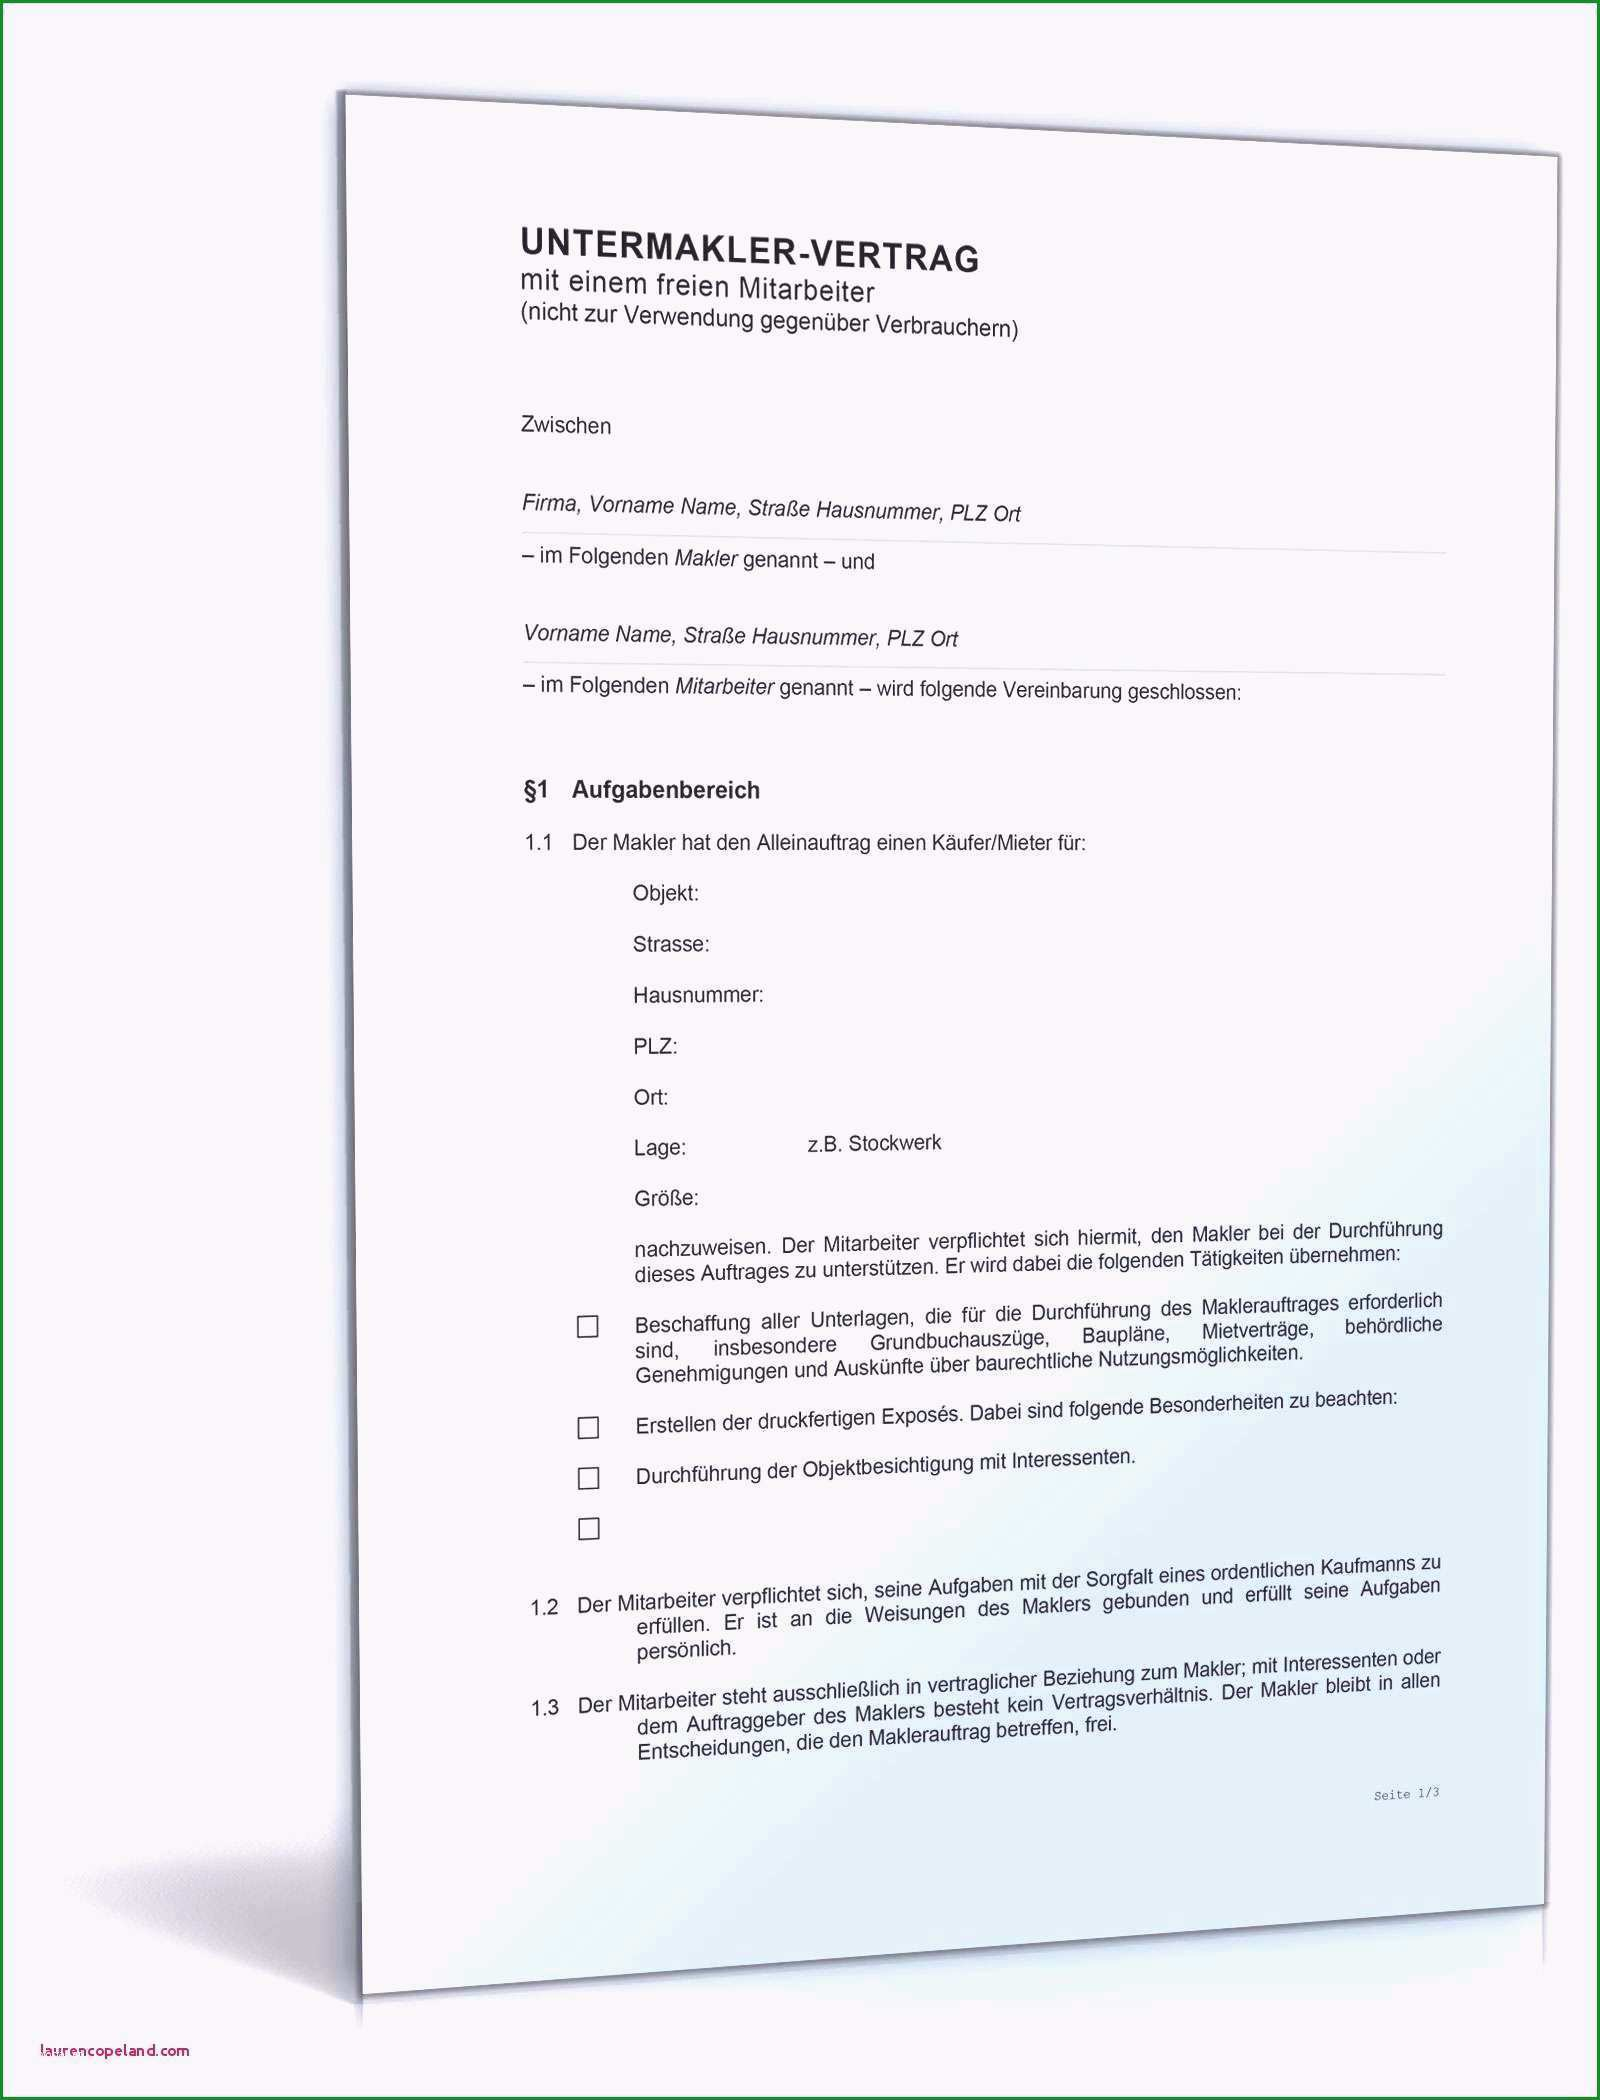 mietvertrag vorlage zum ausdrucken frisches kurzbrief vorlage zum ausdrucken